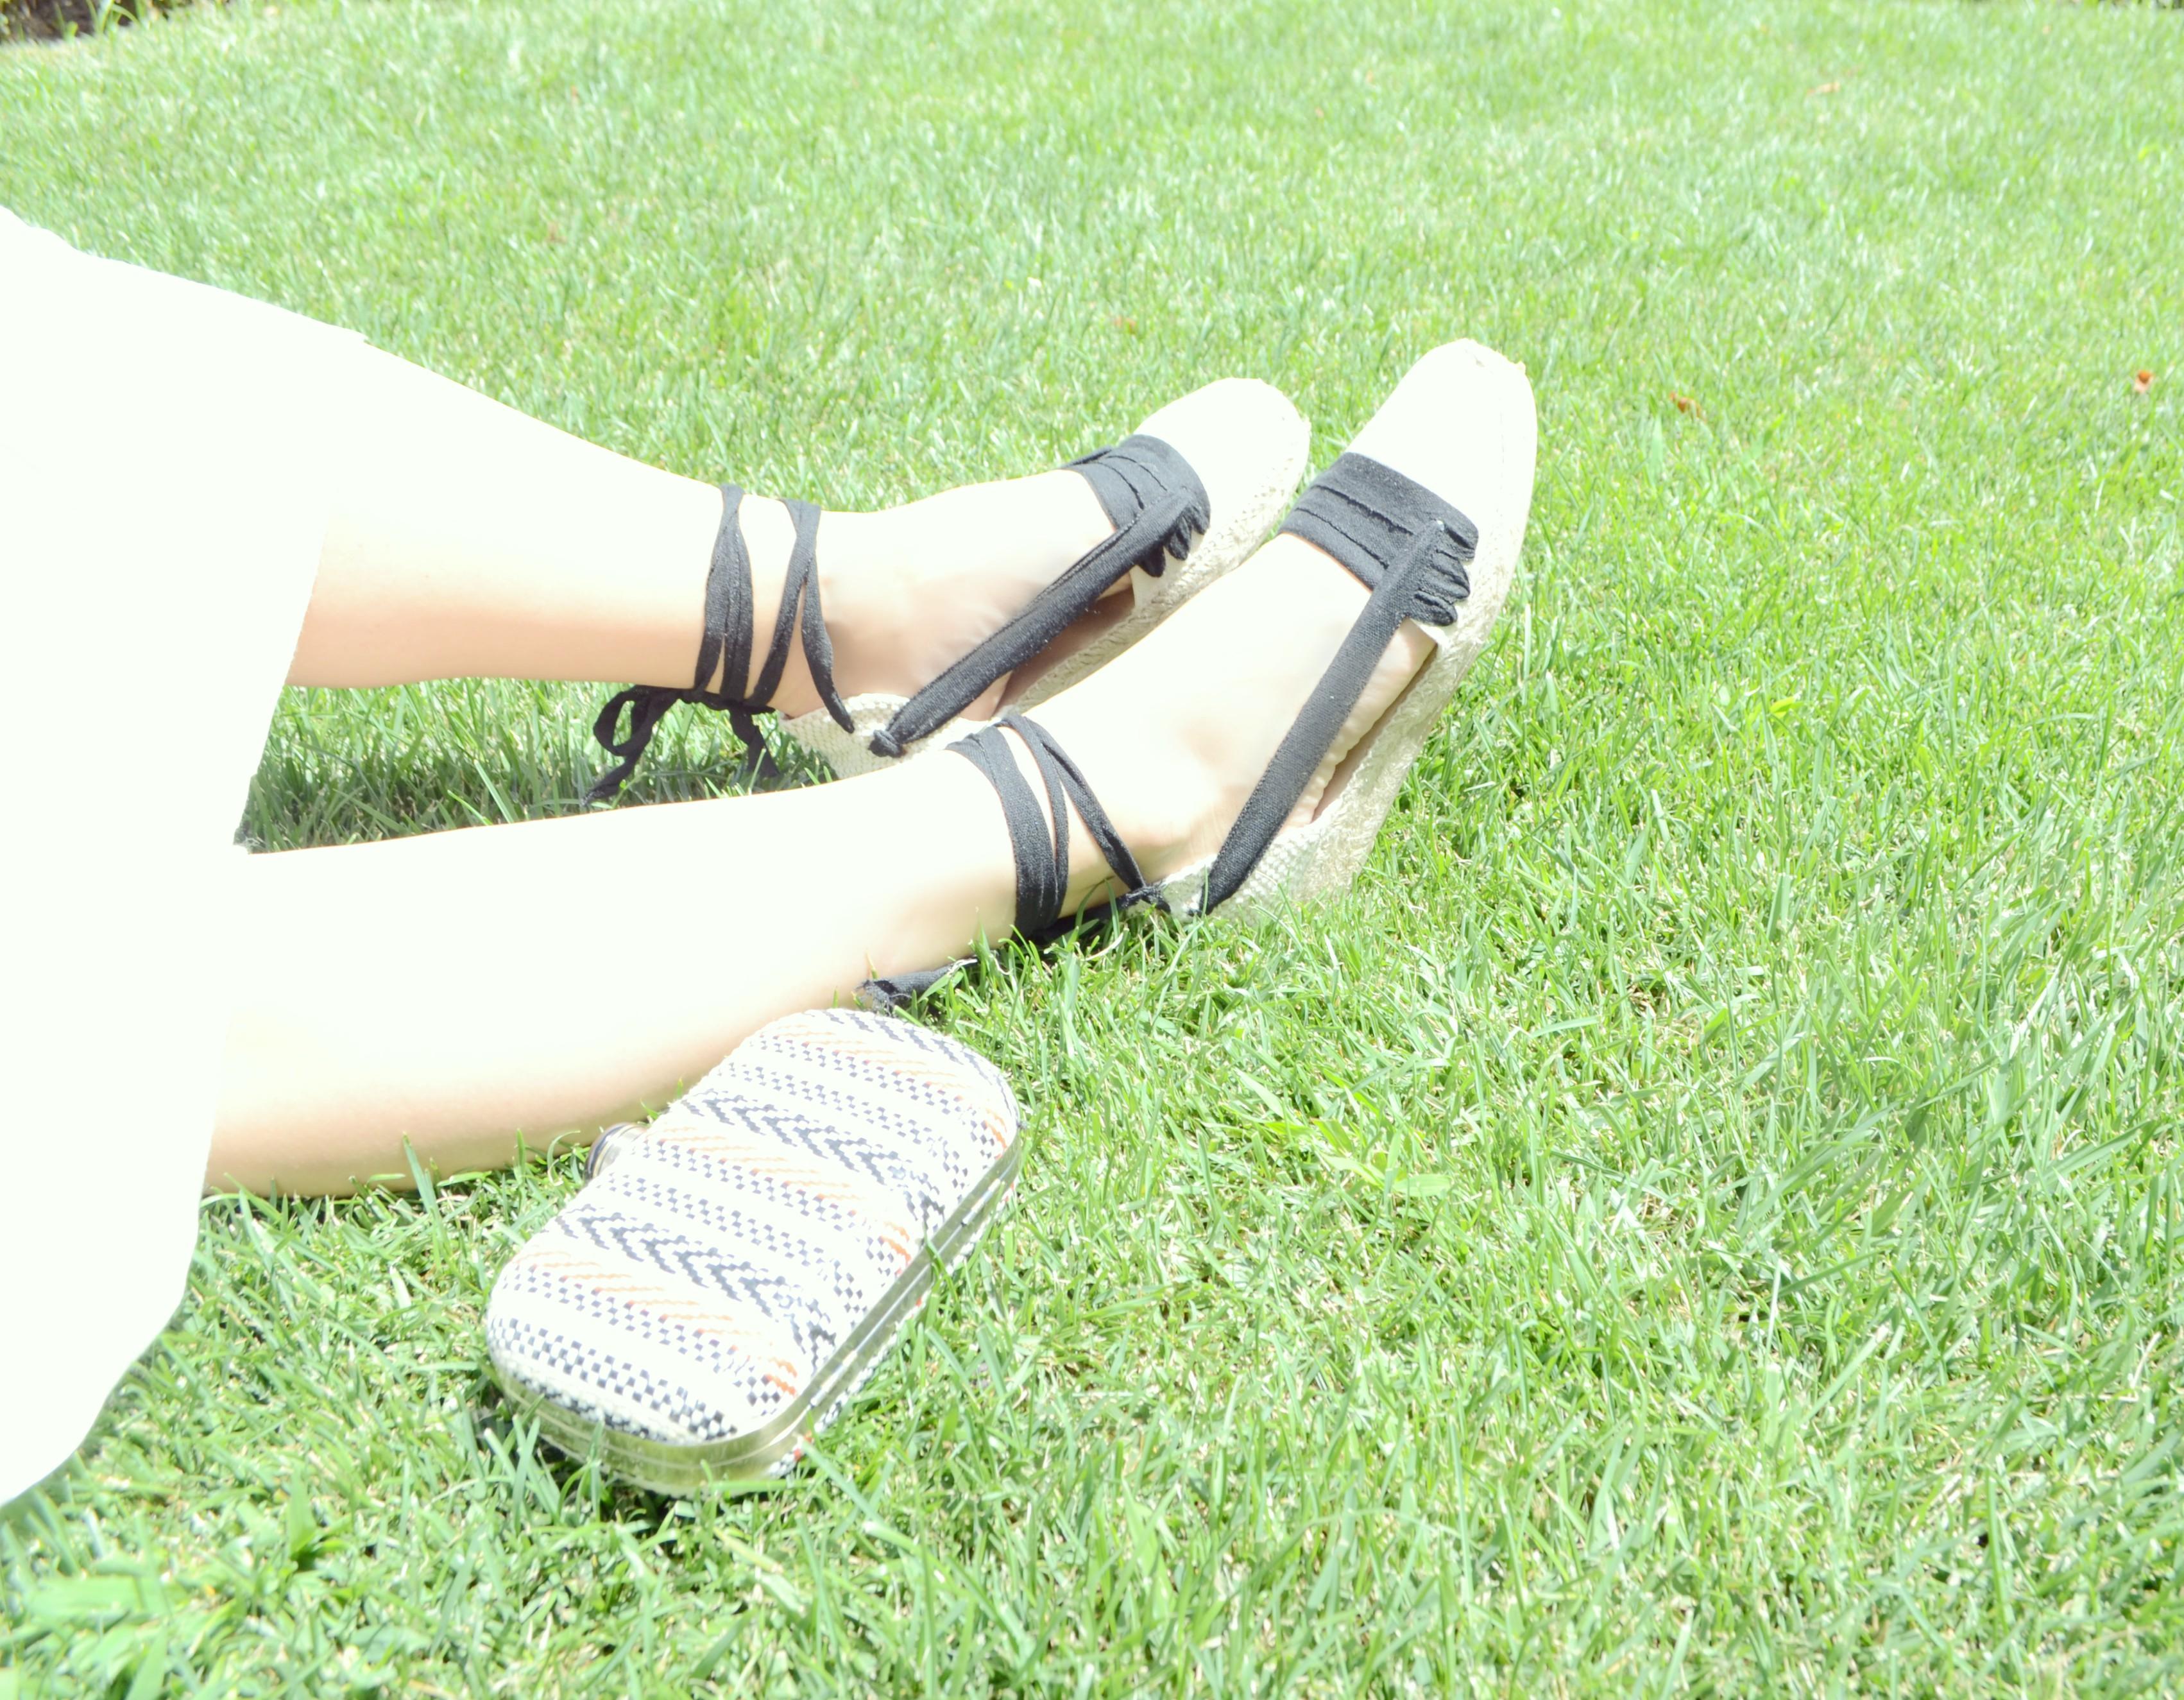 Dona-alpargata-zapatos-de-verano-blog-de-moda-ChicAdicta-fashionista-Chic-Adicta-summer-shoes-PiensaenChic-Piensa-en-Chic